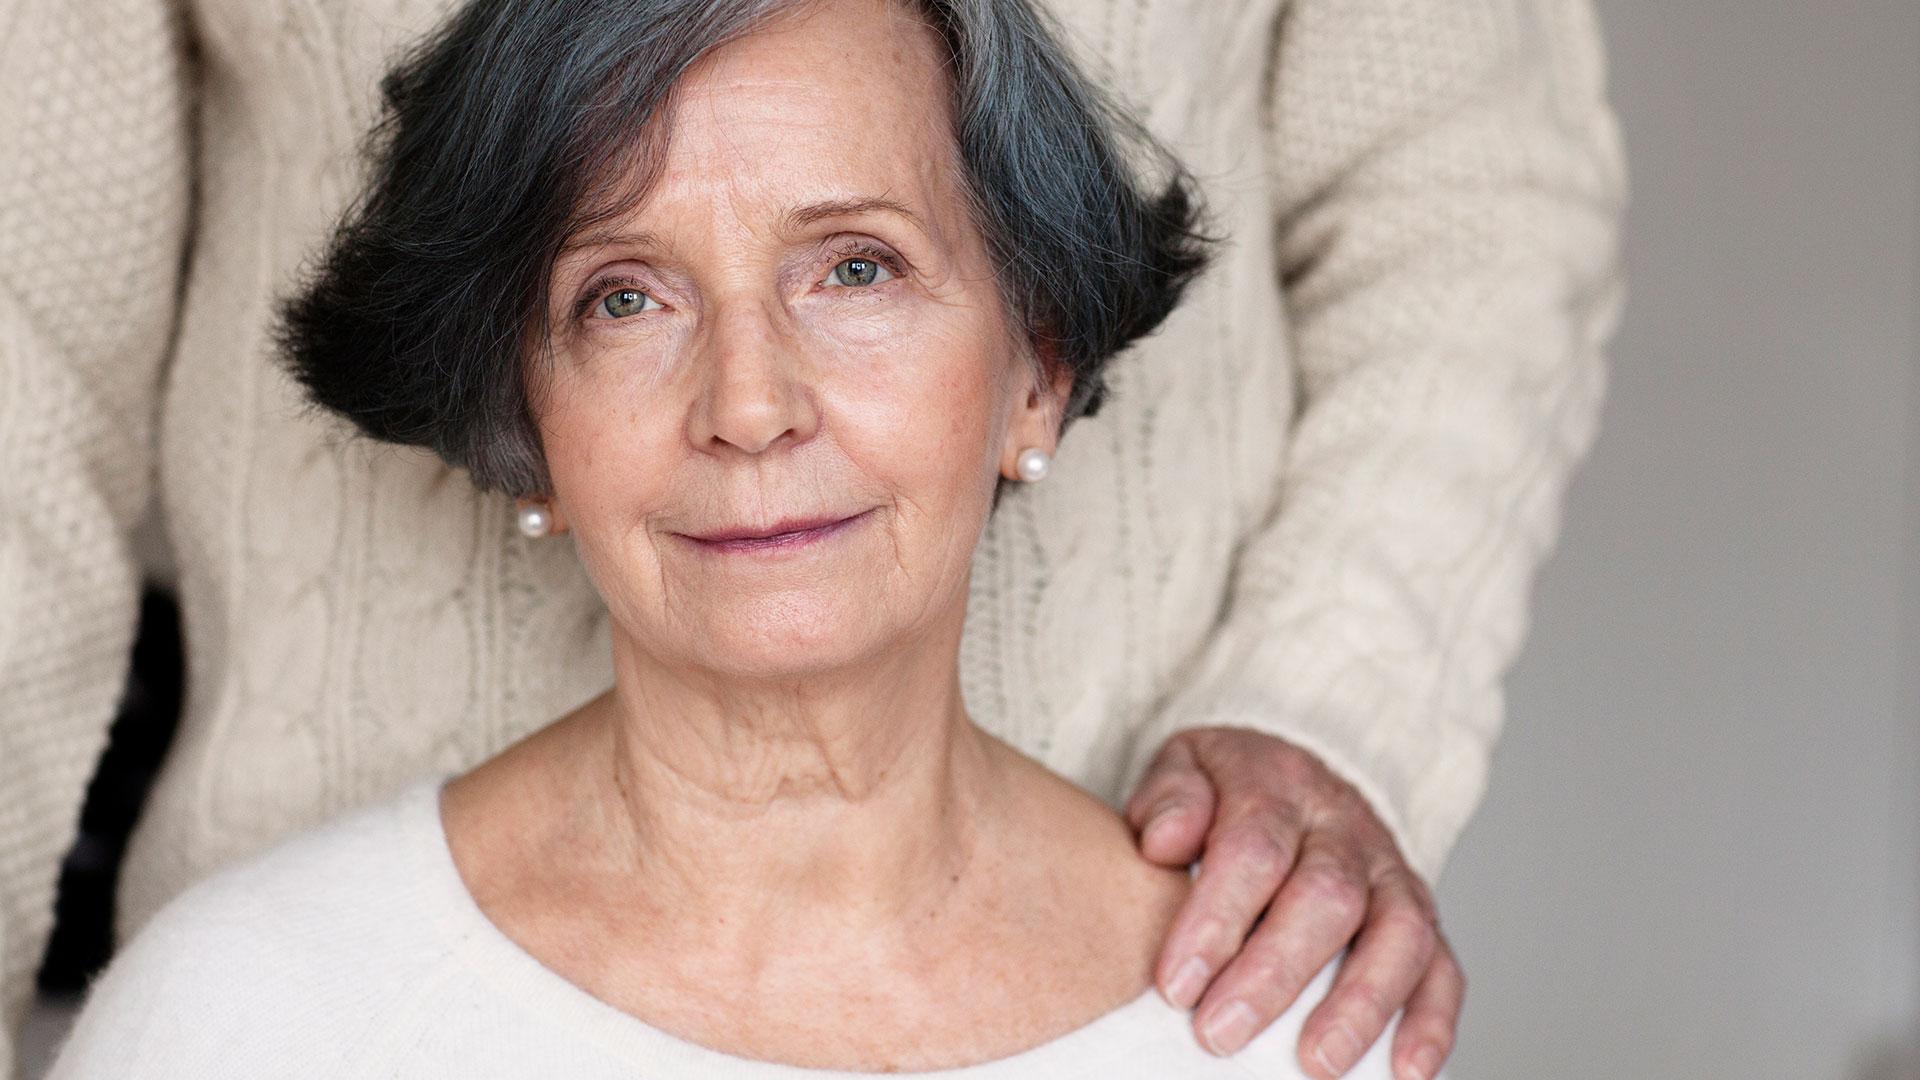 Nainen kasvot kohti kameraa ja takanaan seisoo ihminen, jonka käsi on hänen olkapäällään.